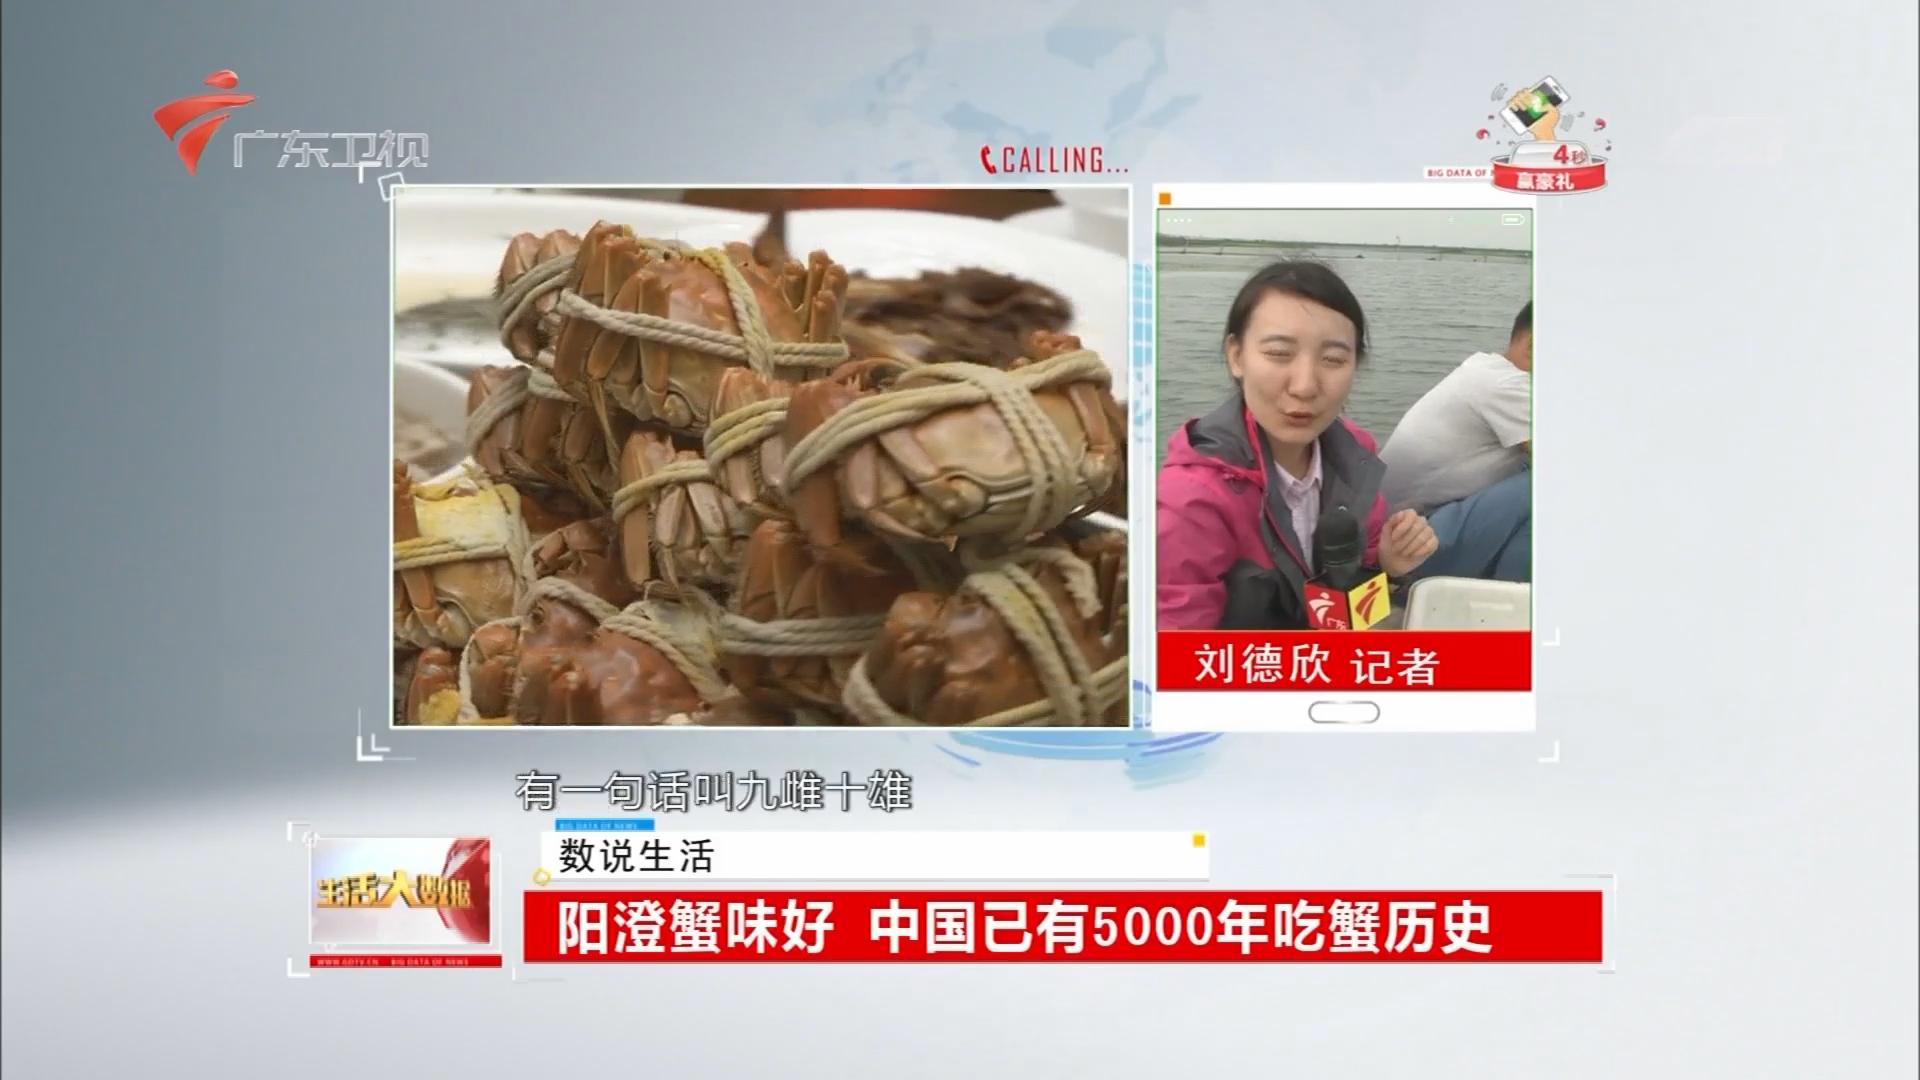 阳澄蟹味好 中国已有5000年吃蟹历史